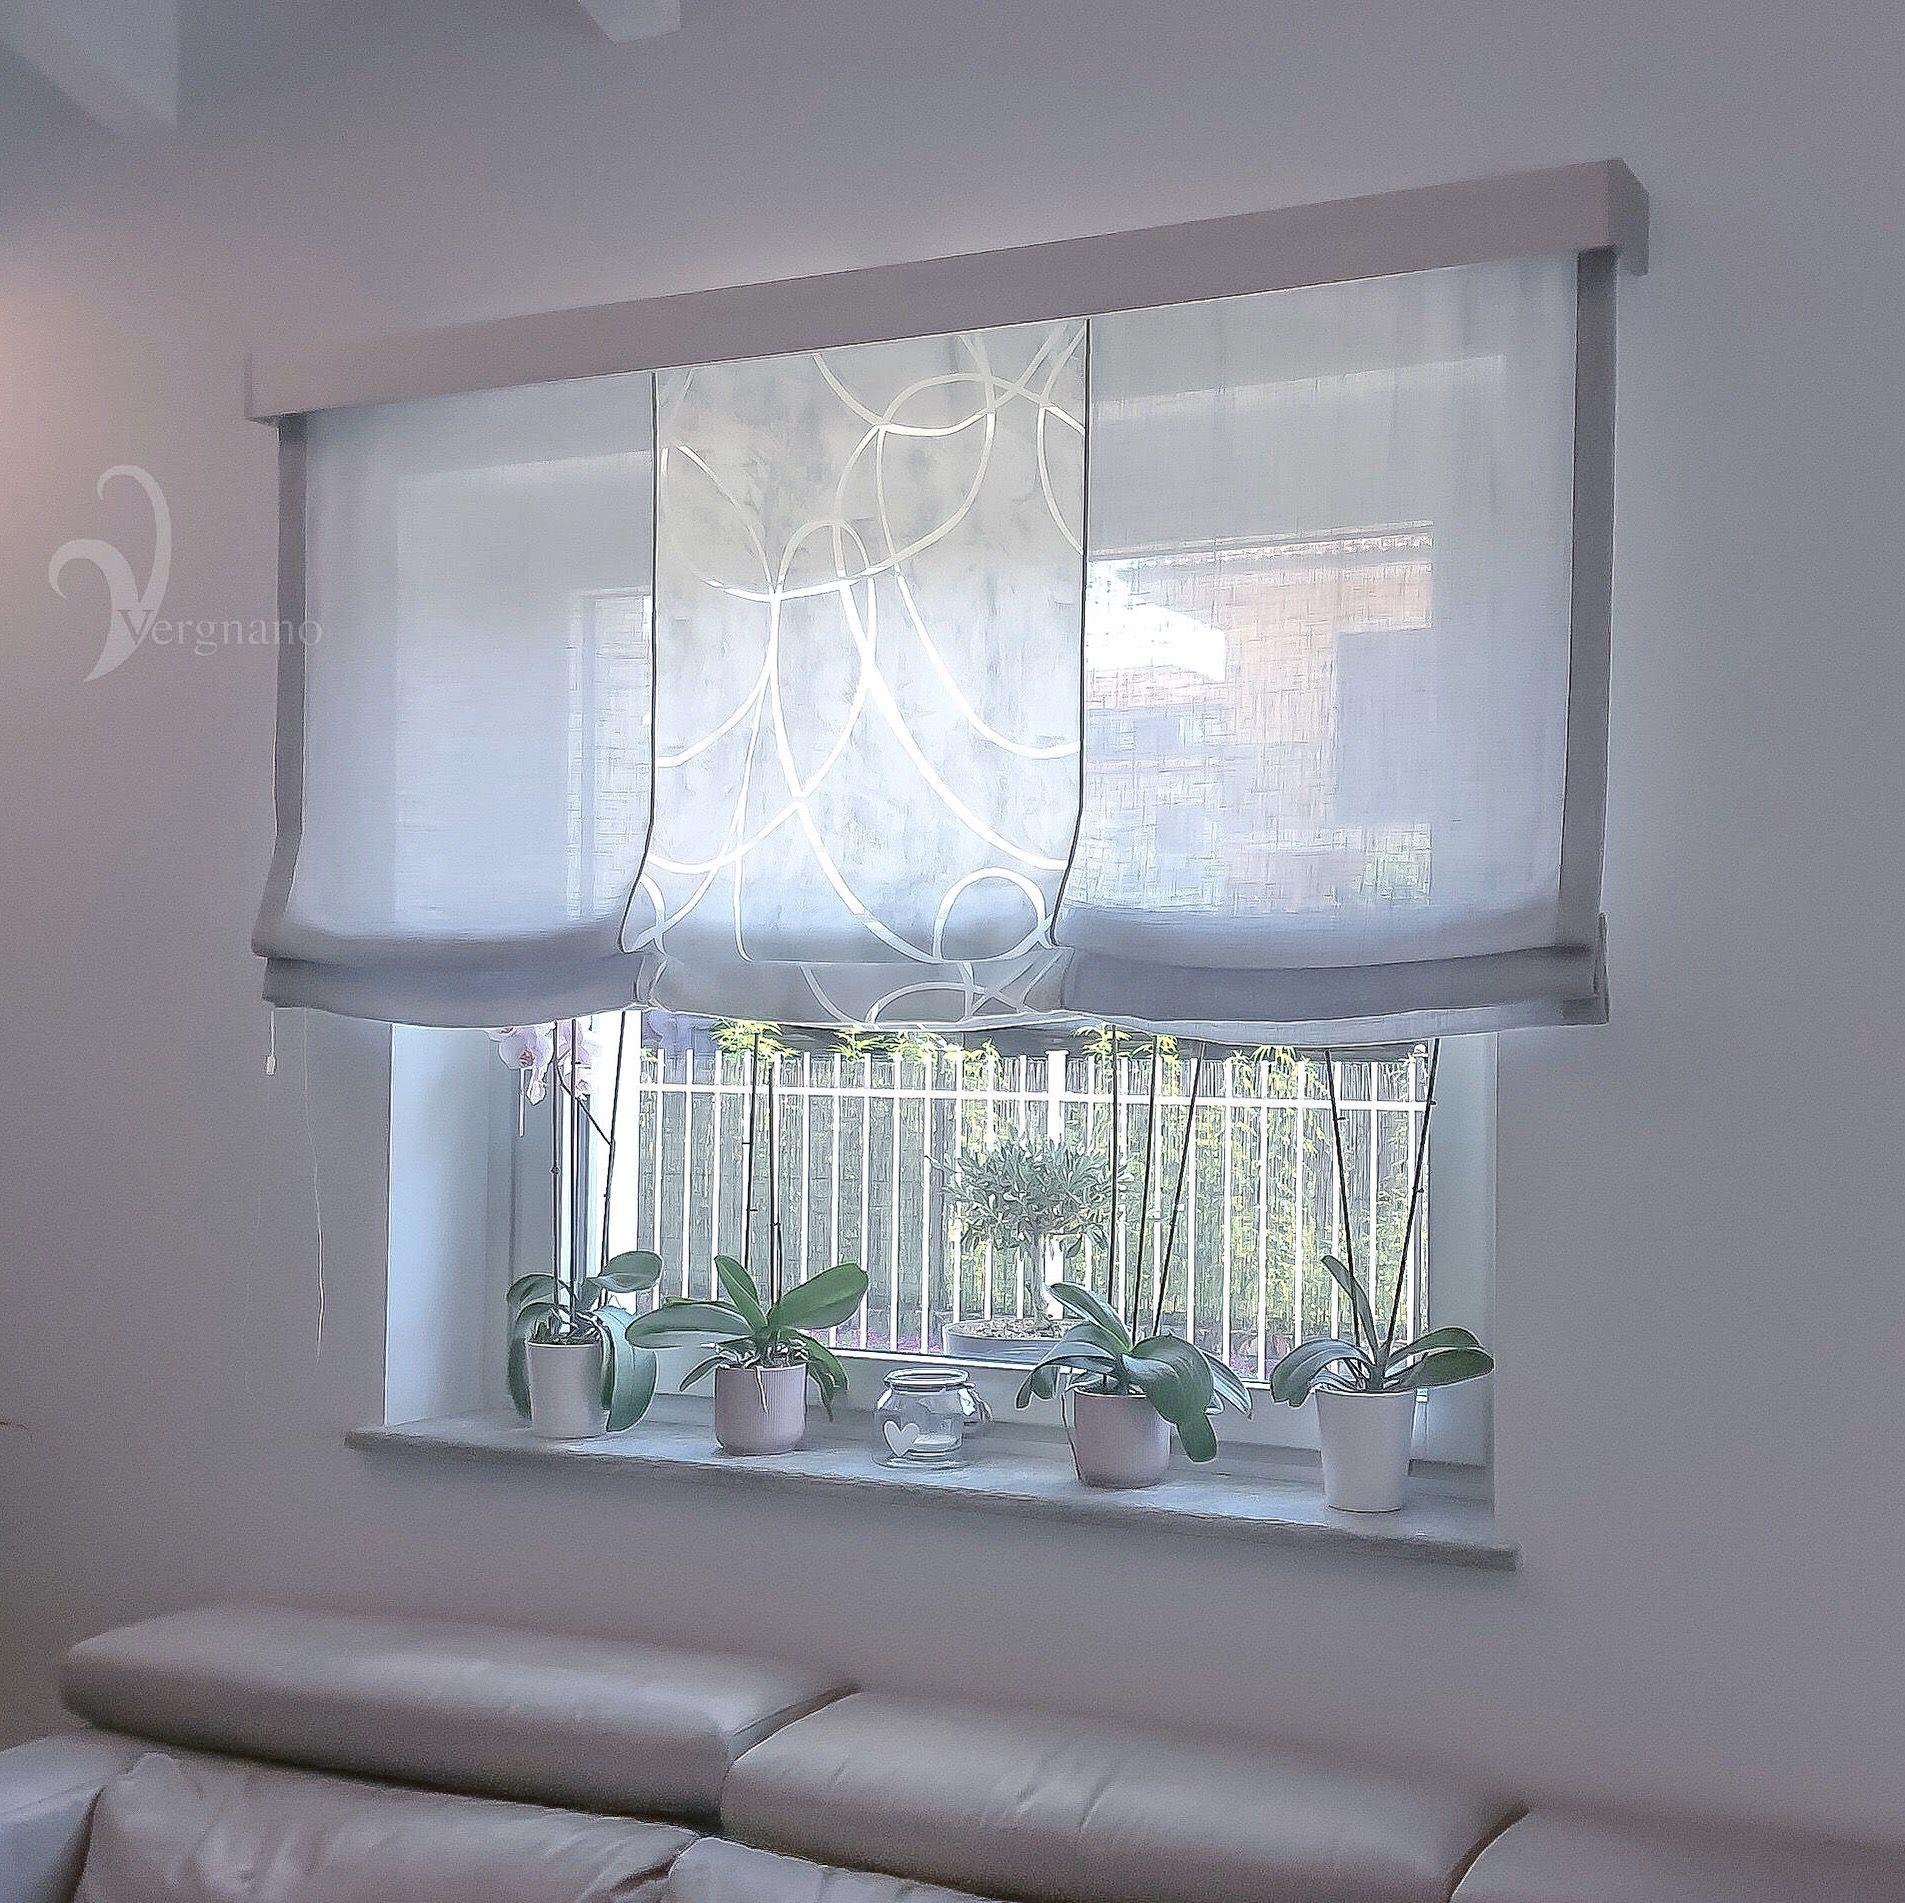 Le tende a pannello sono un'alternativa al concetto di tenda morbida arricciata. 51 Idee Su Tende A Pannello Tende A Pannello Tende Tende Soggiorno